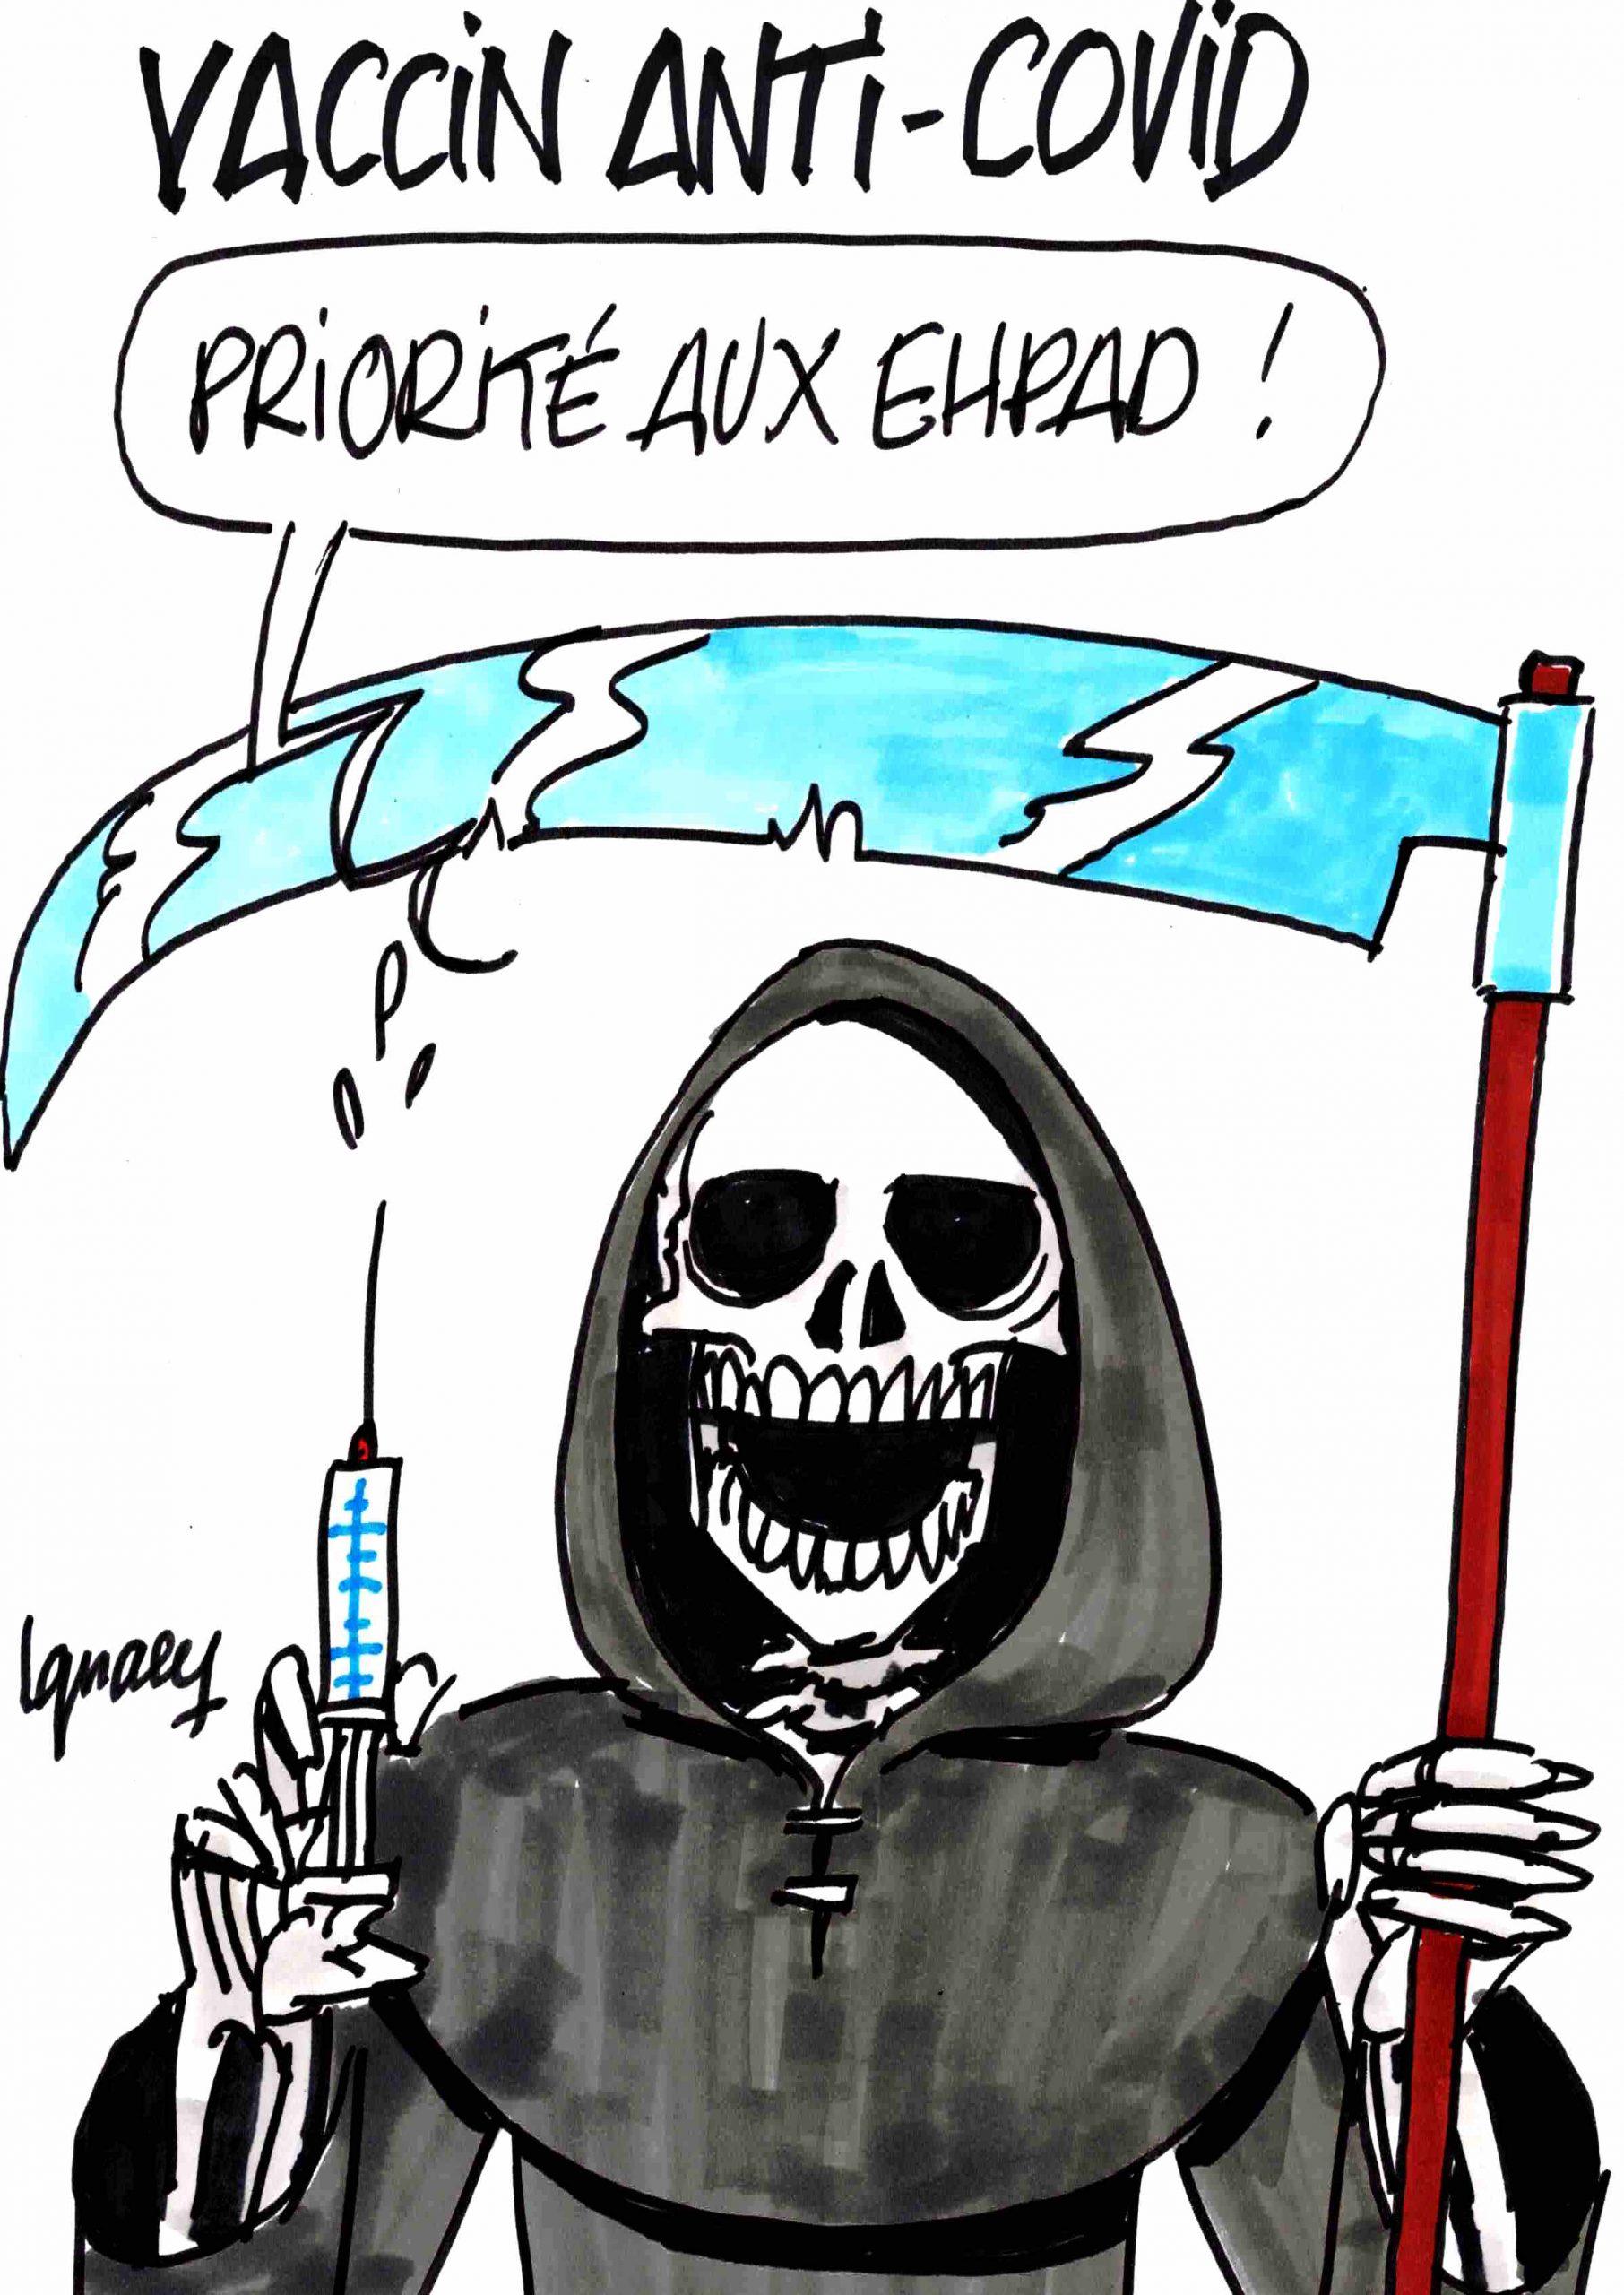 Ignace - Le vaccin anti-covid arrive !